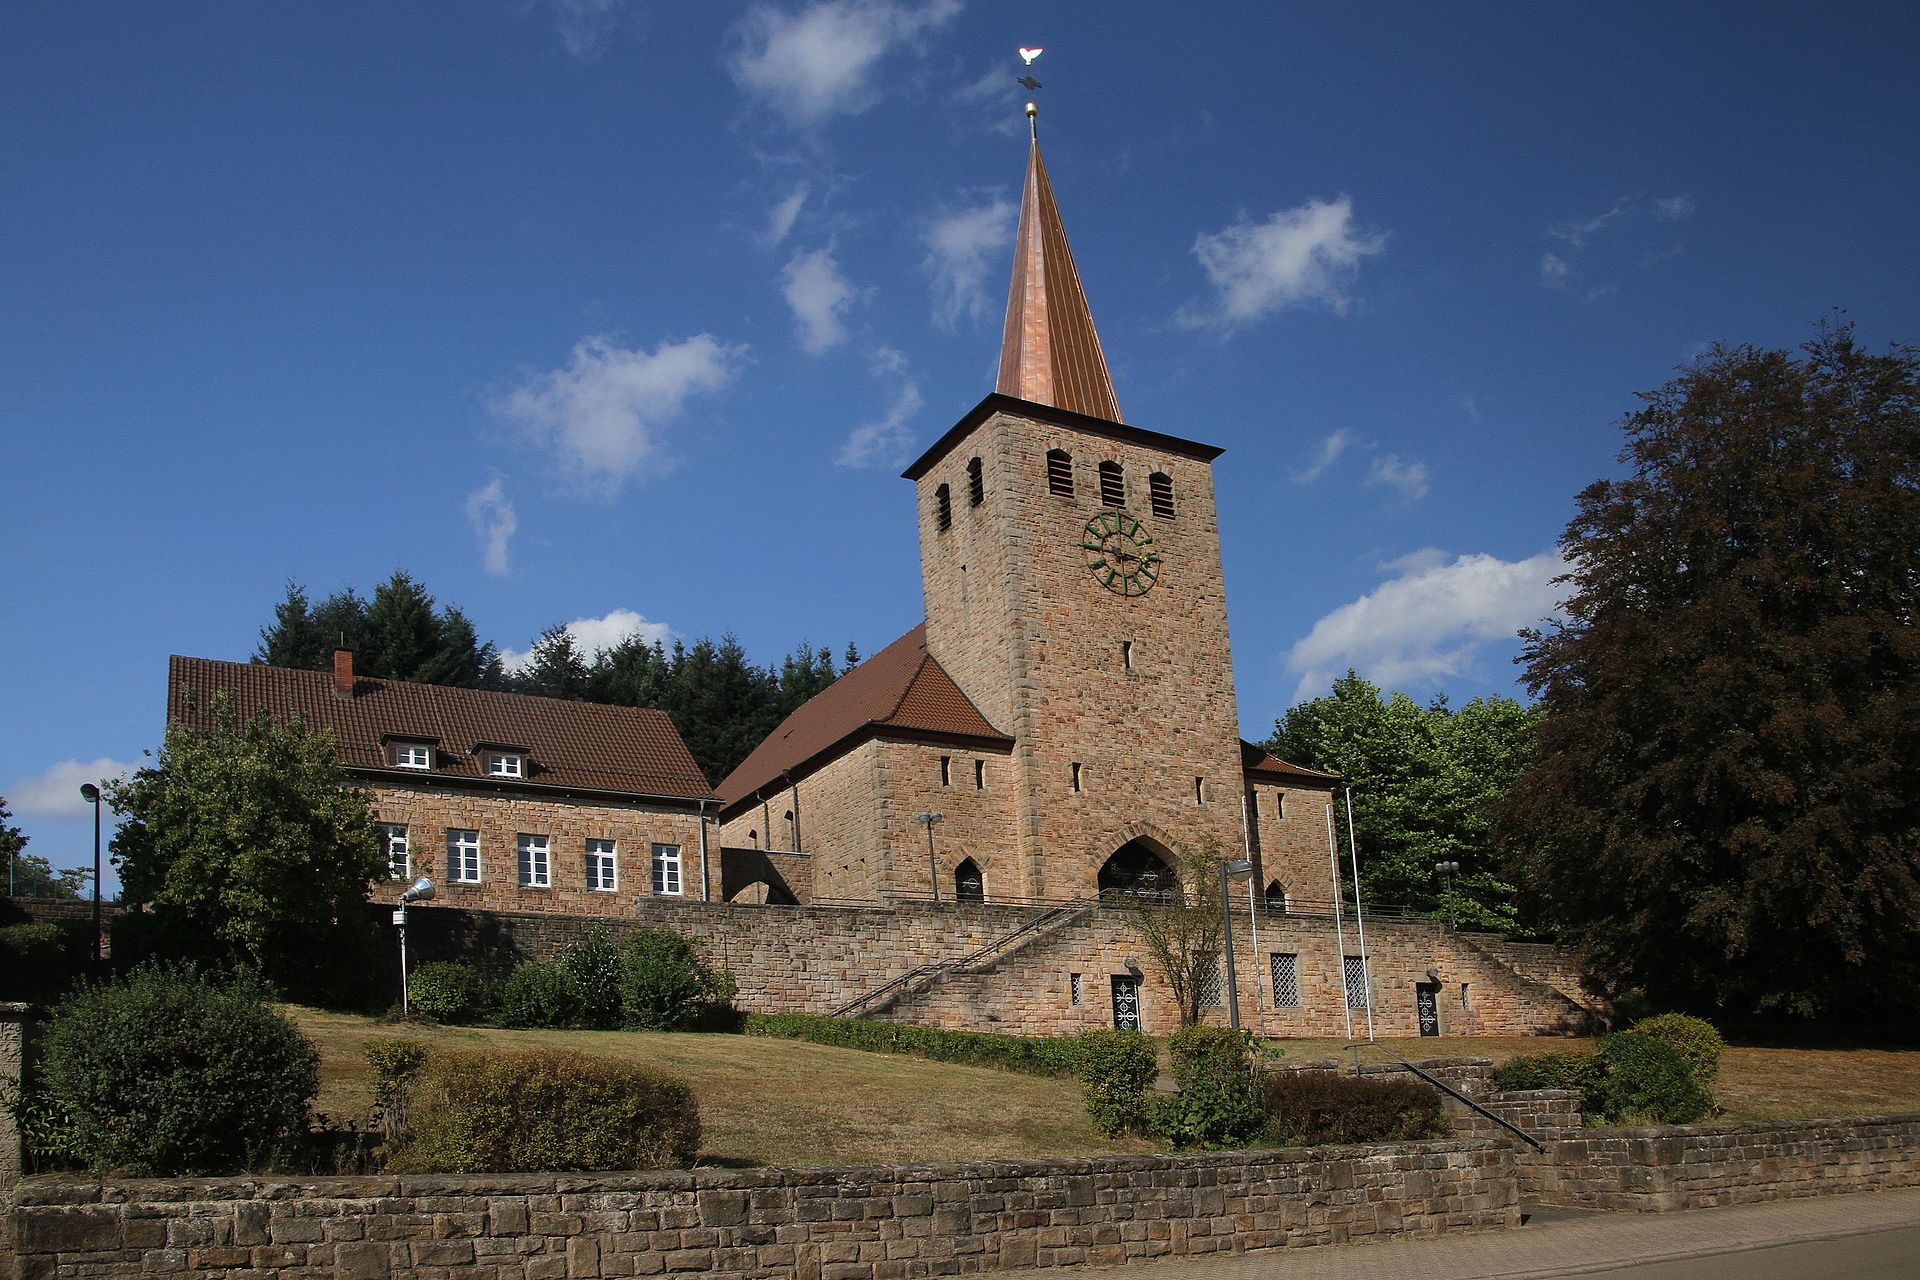 Leimen-Kirche St. Katharina-14-gje.jpg